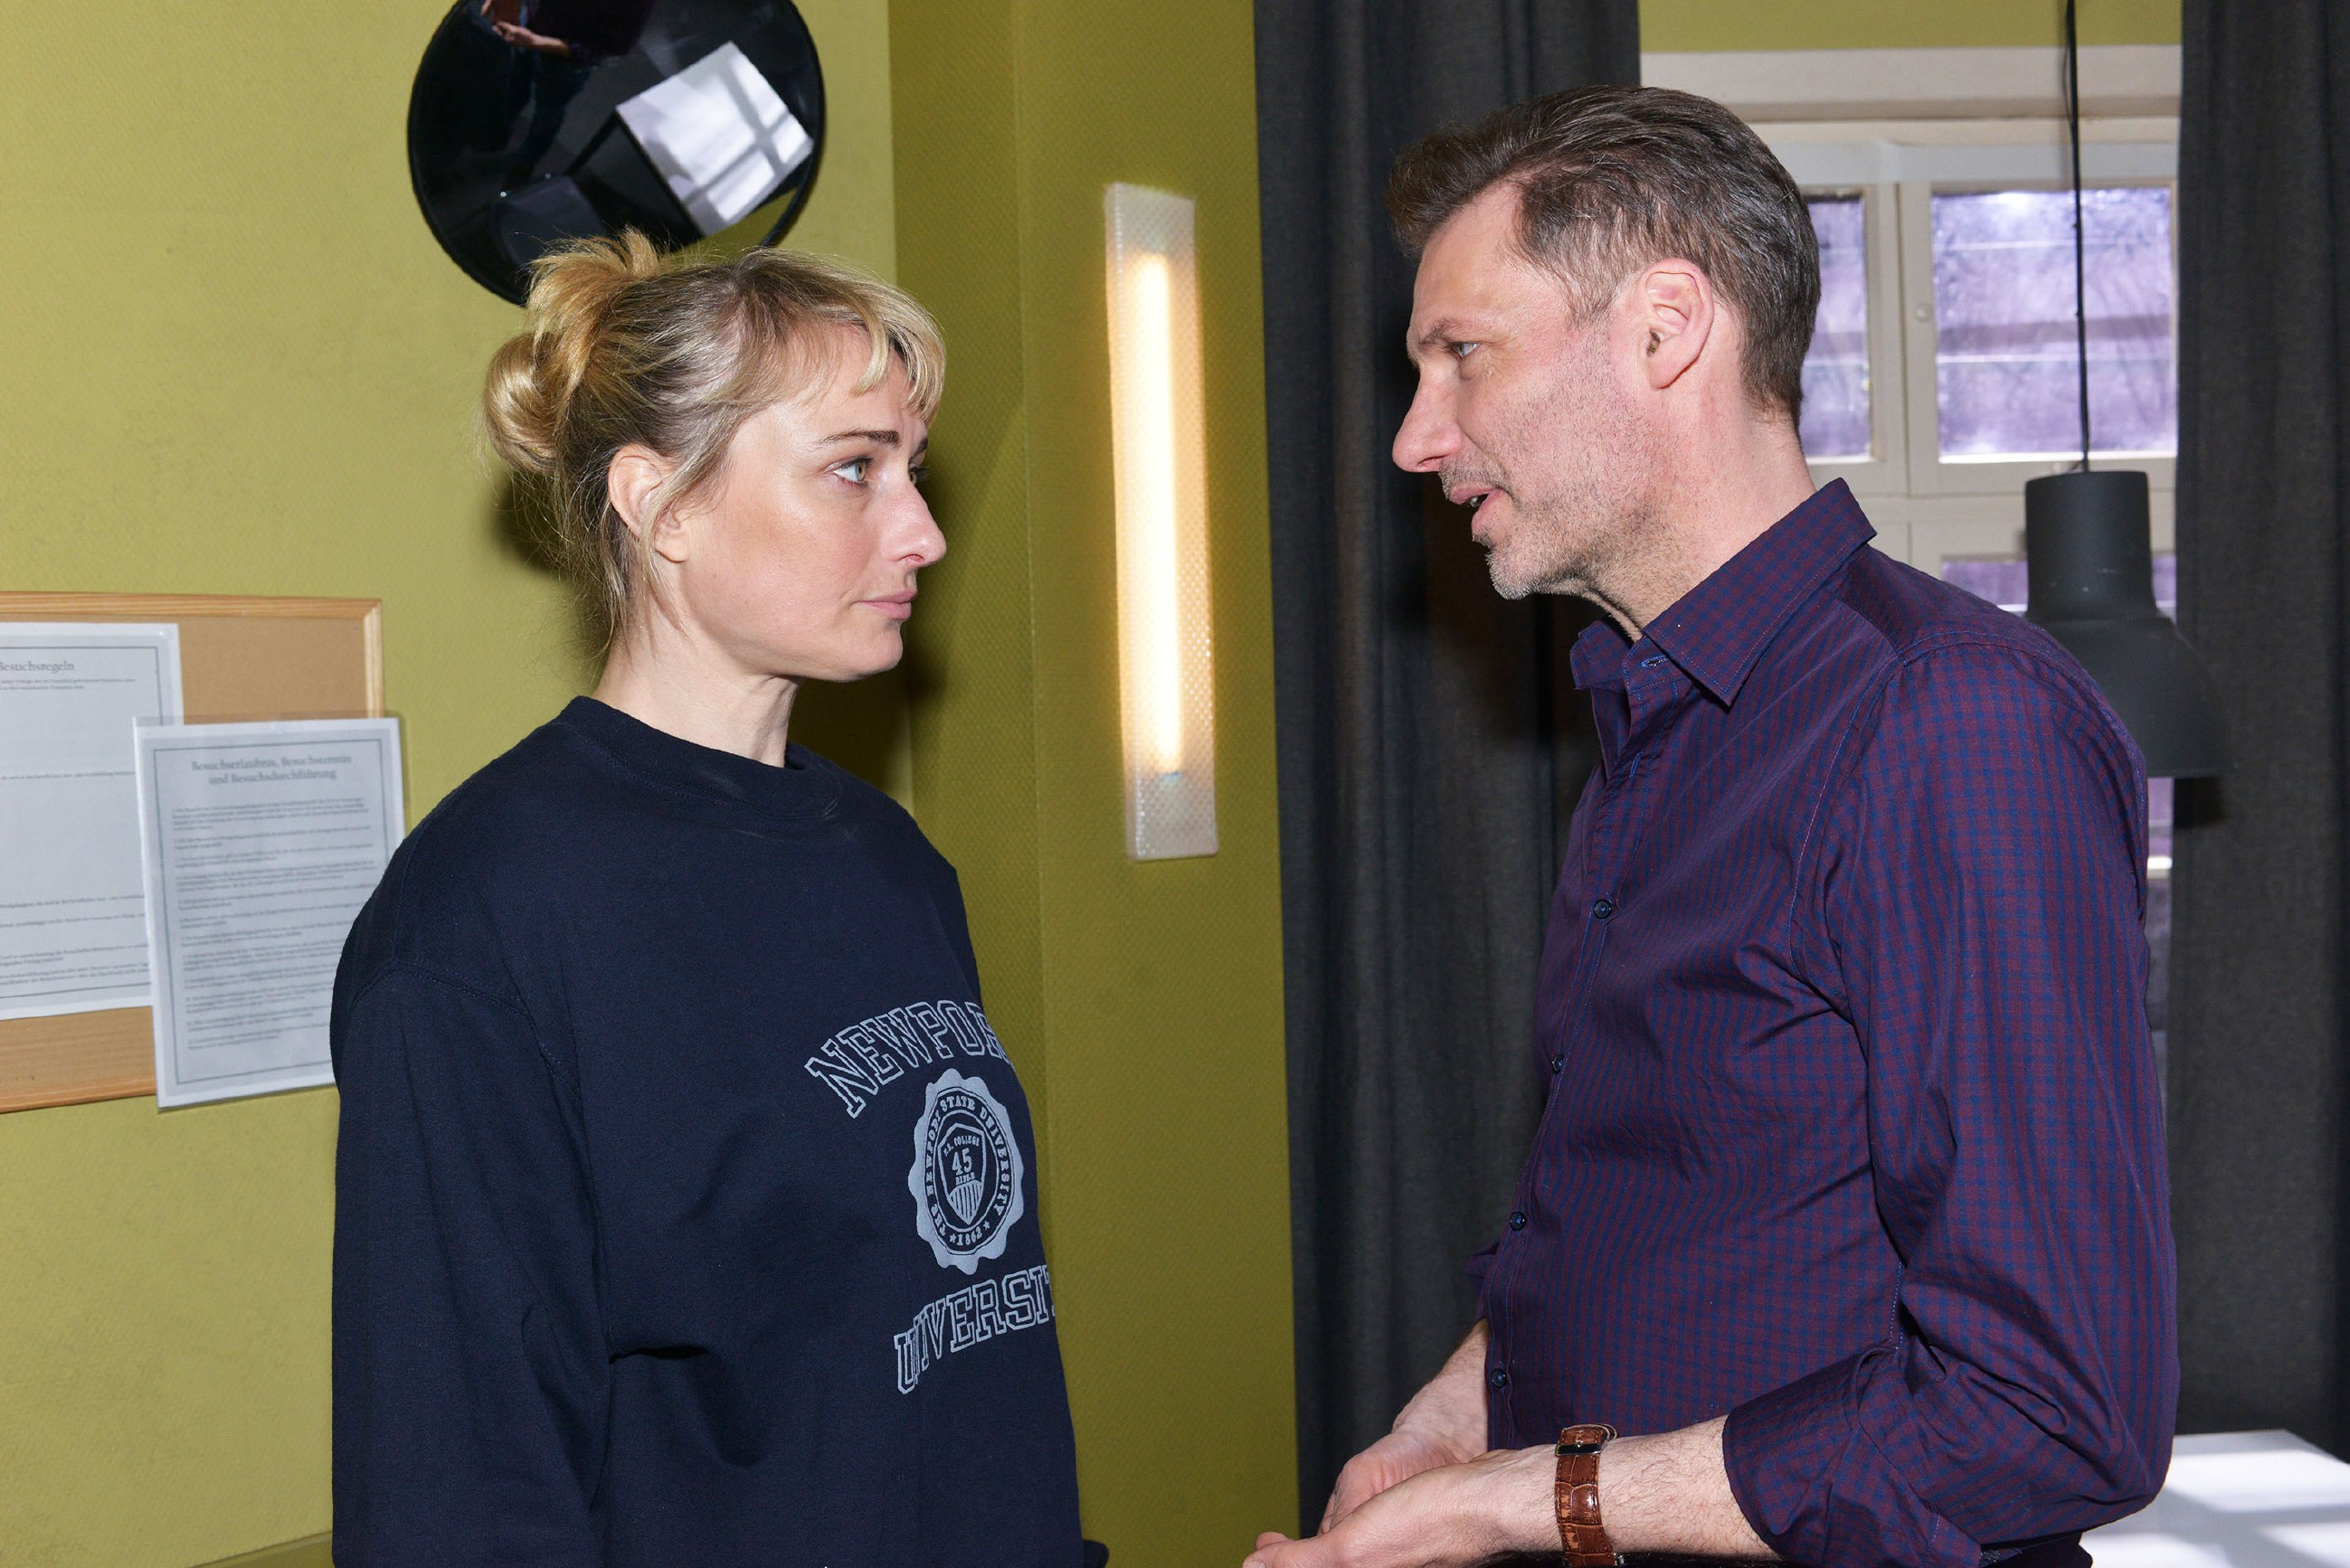 Als Alexander (Clemens Löhr) Maren (Eva Mona Rodekirchen) an ihrem Geburtstag in der U-Haft besucht, trifft es sie, zu hören, wie sehr ihre Kinder unter ihrem Fehltritt leiden. (Quelle: RTL / Rolf Baumgartner)